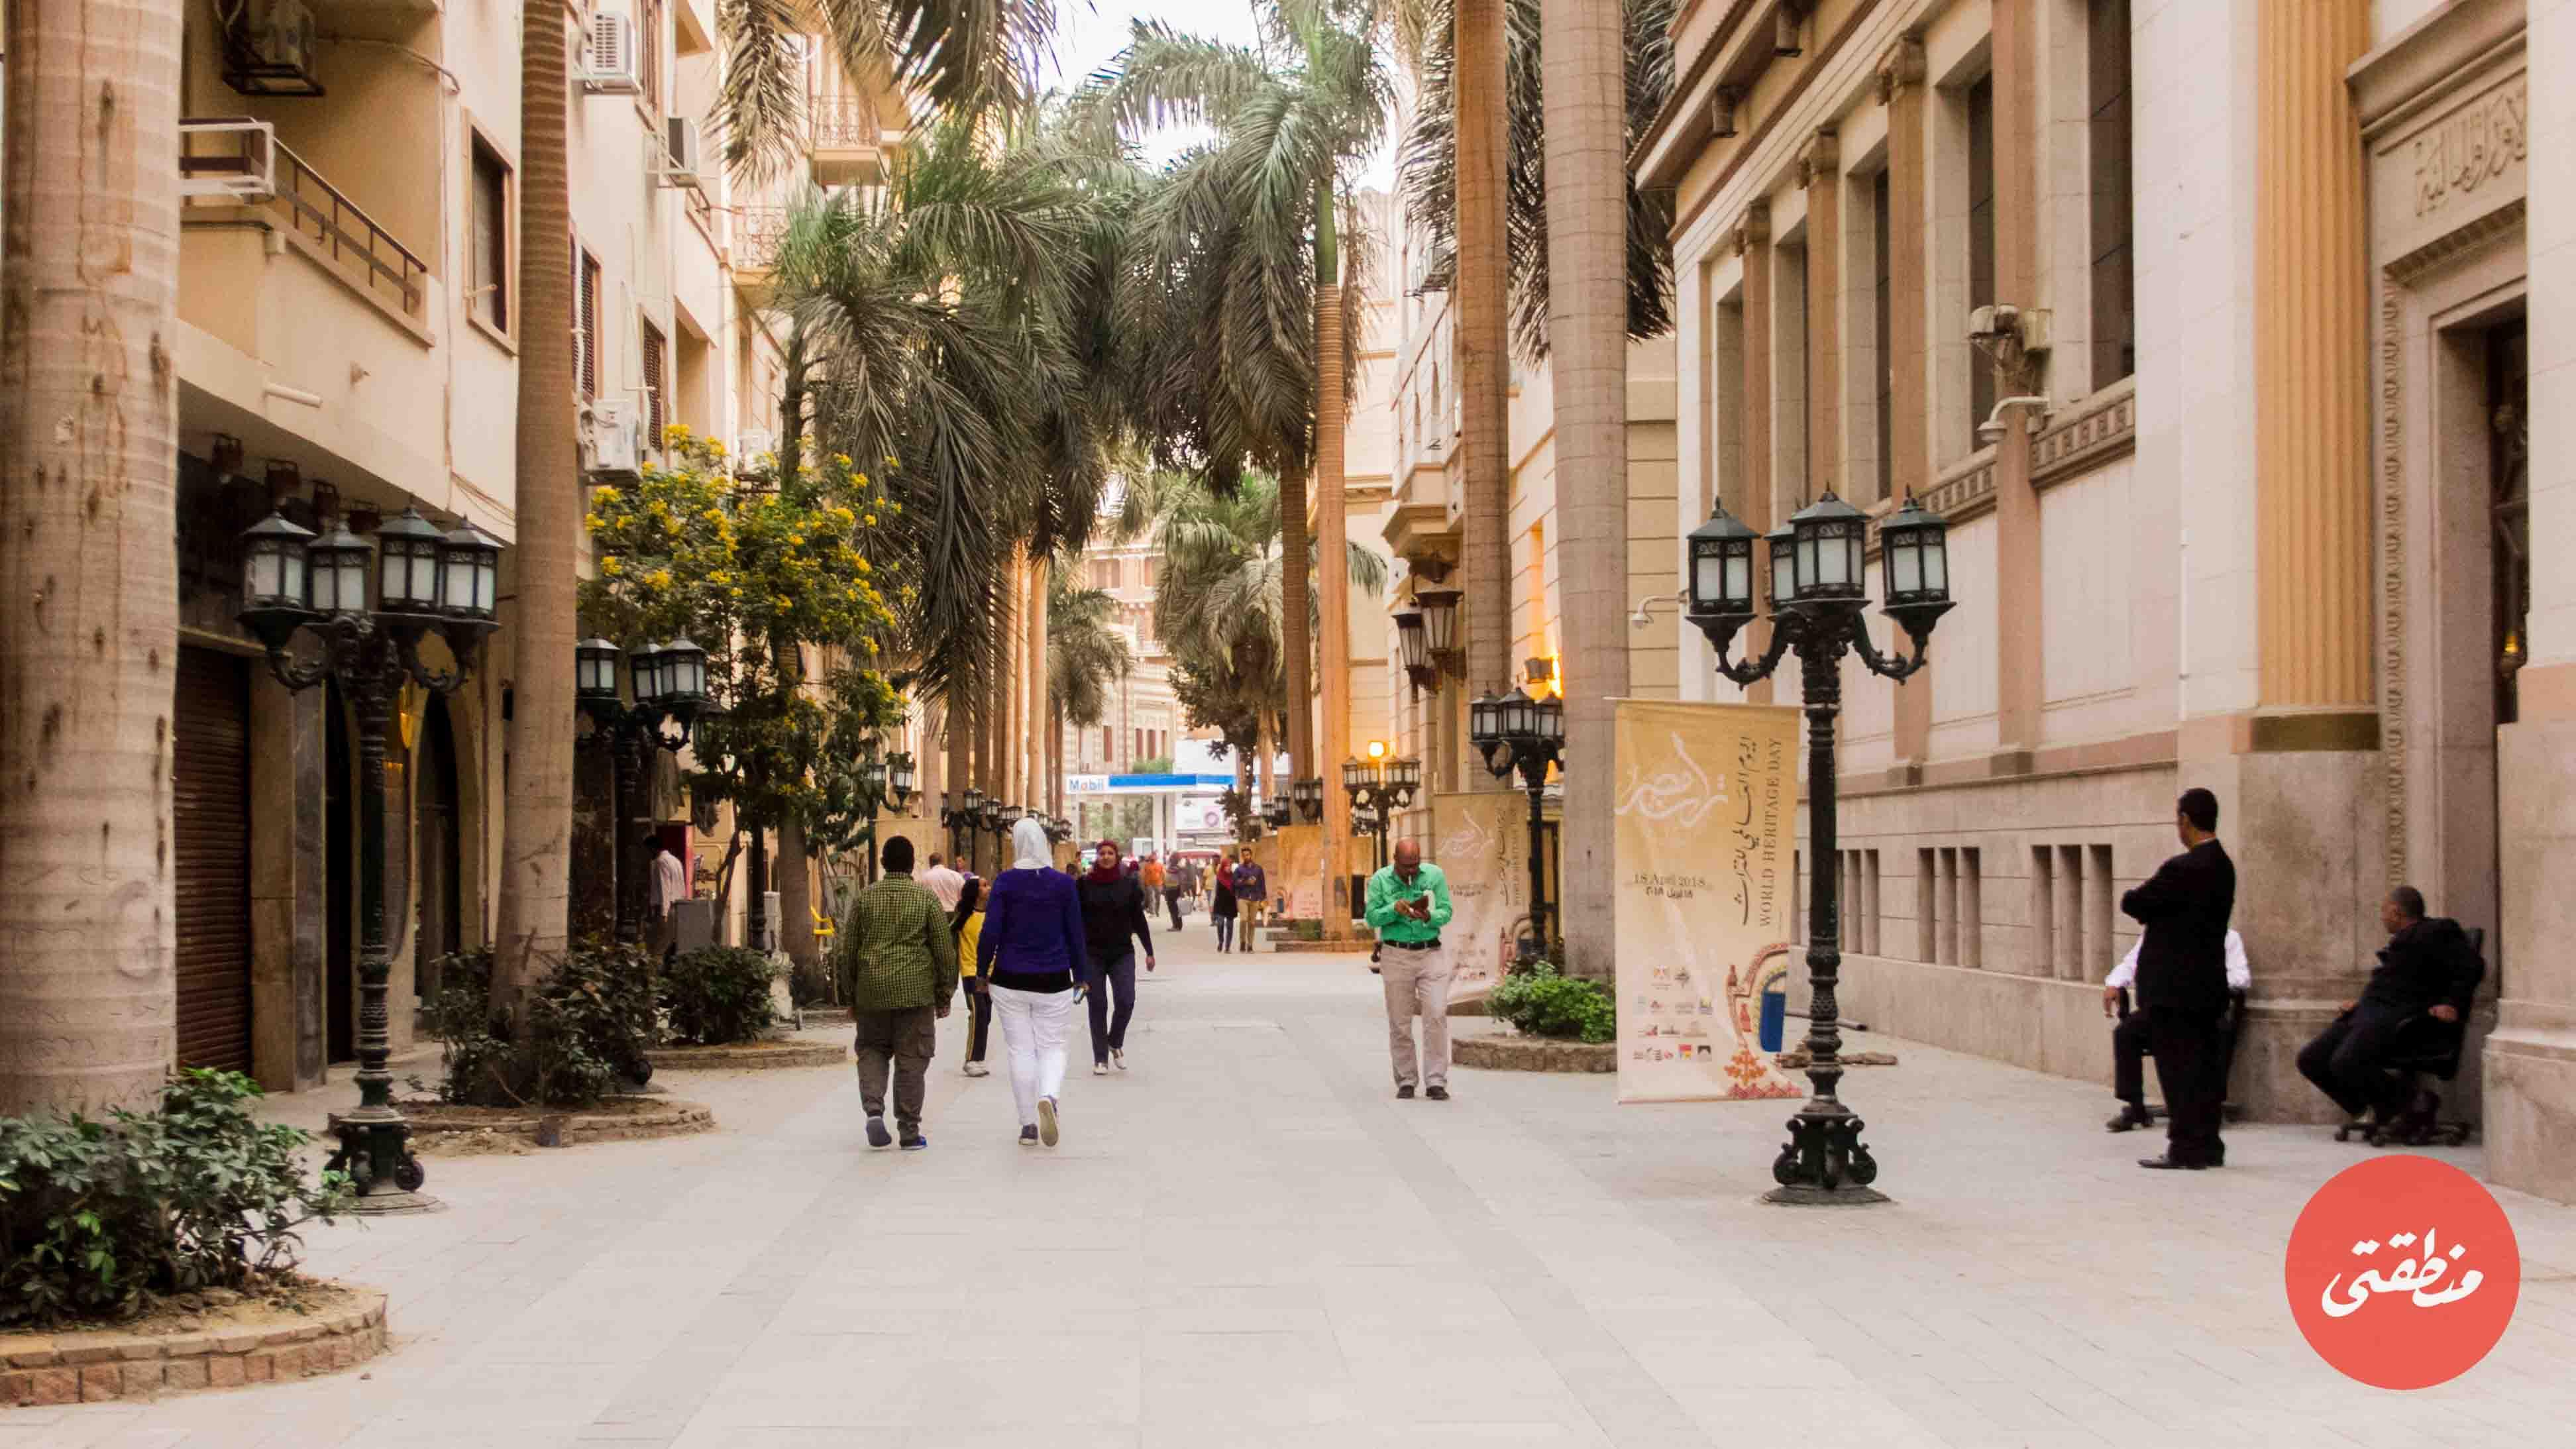 شارع الشريفين بعد تطويره وافتتاحه شارعًا للفنون والثقافة في منطقة البورصة بوسط القاهرة منتصف أبريل الماضي - تصوير: عبد الرحمن محمد